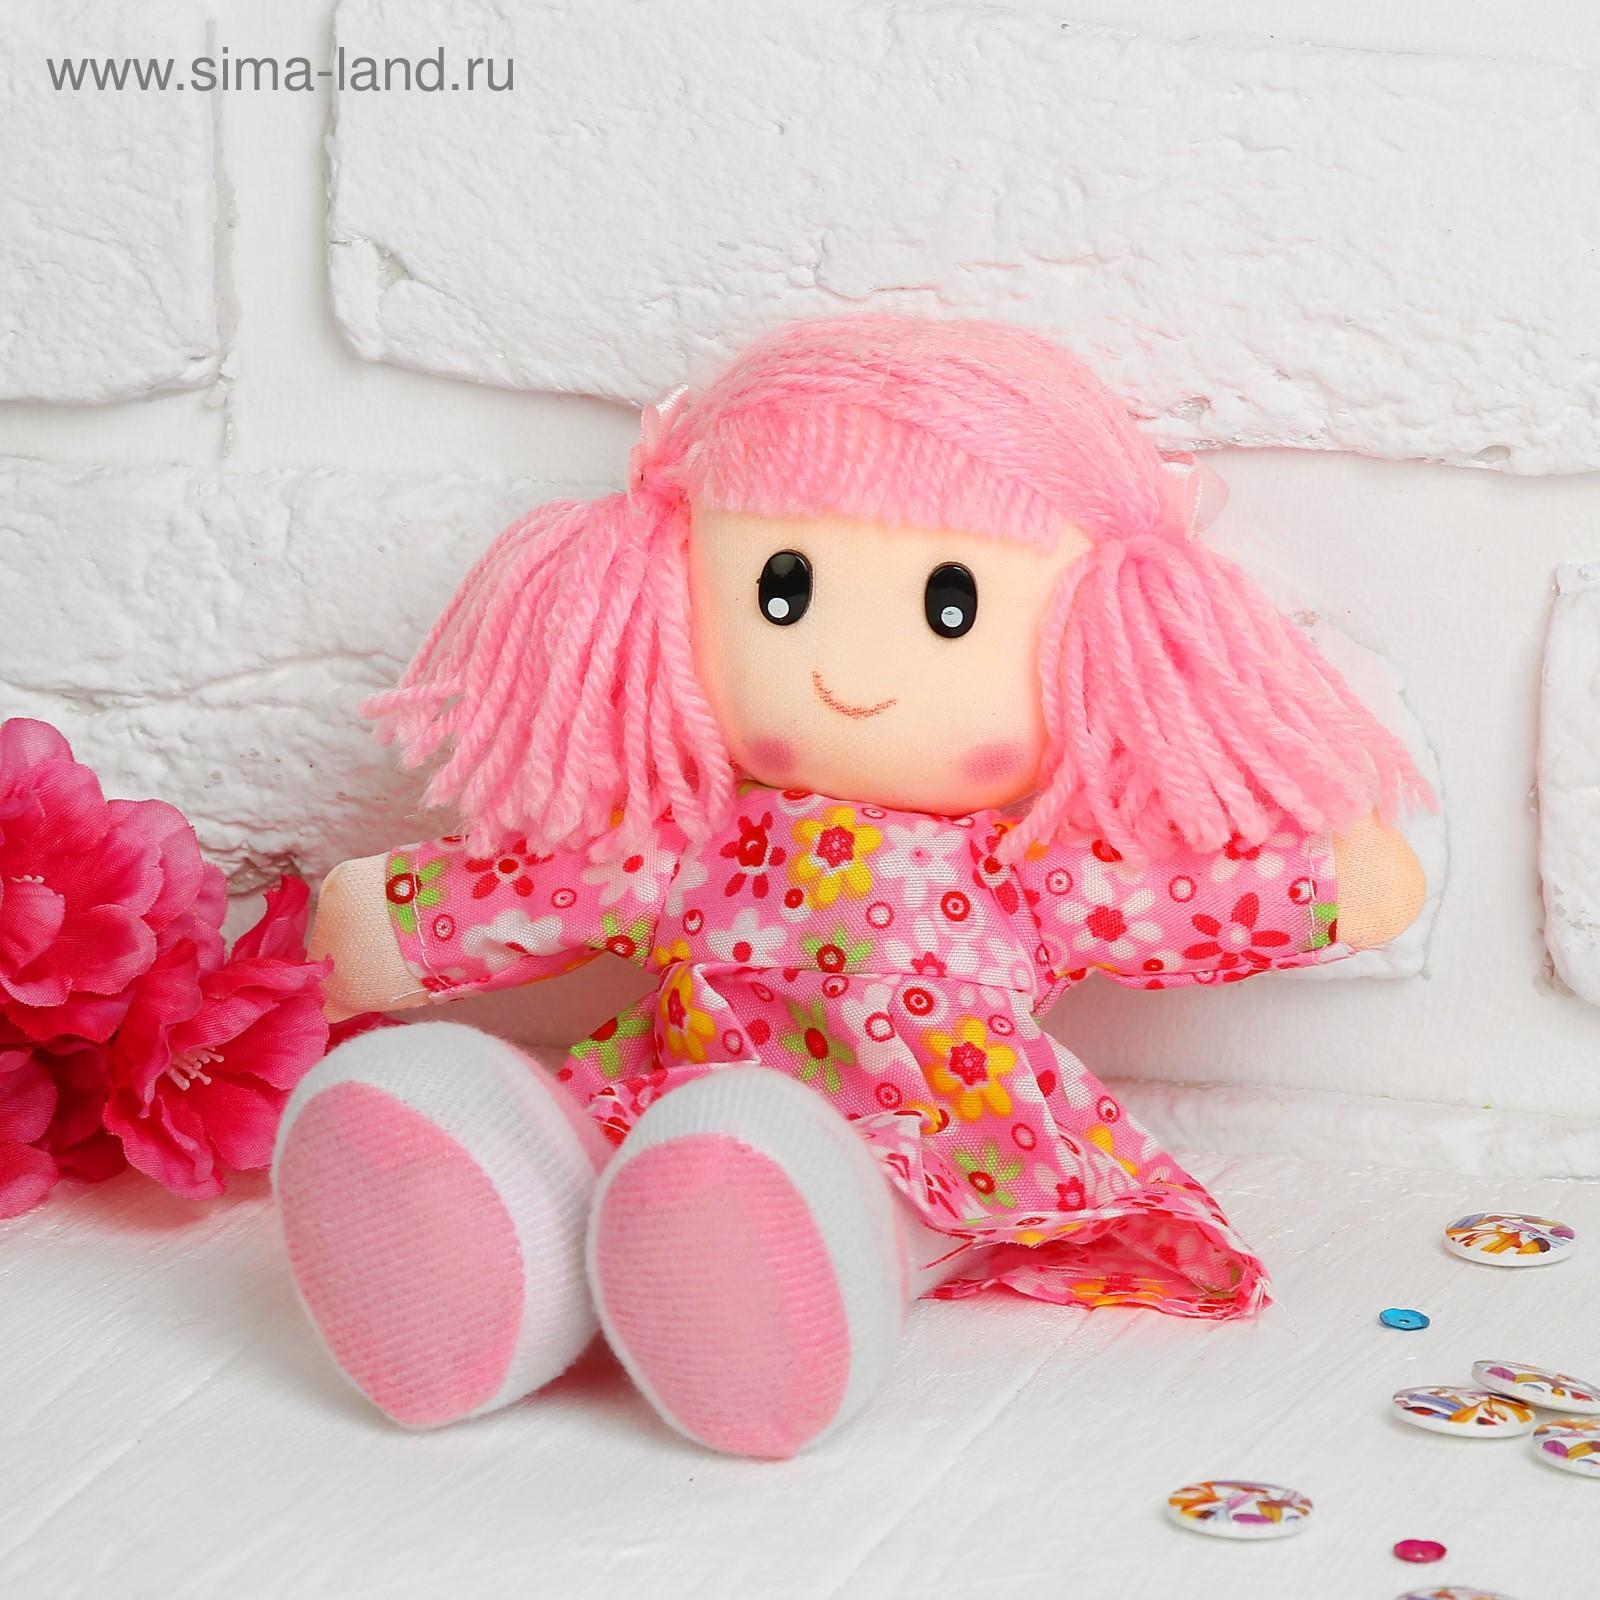 """Мягкая игрушка """"Кукла"""" в ситцевом платье с хвостиками ..."""